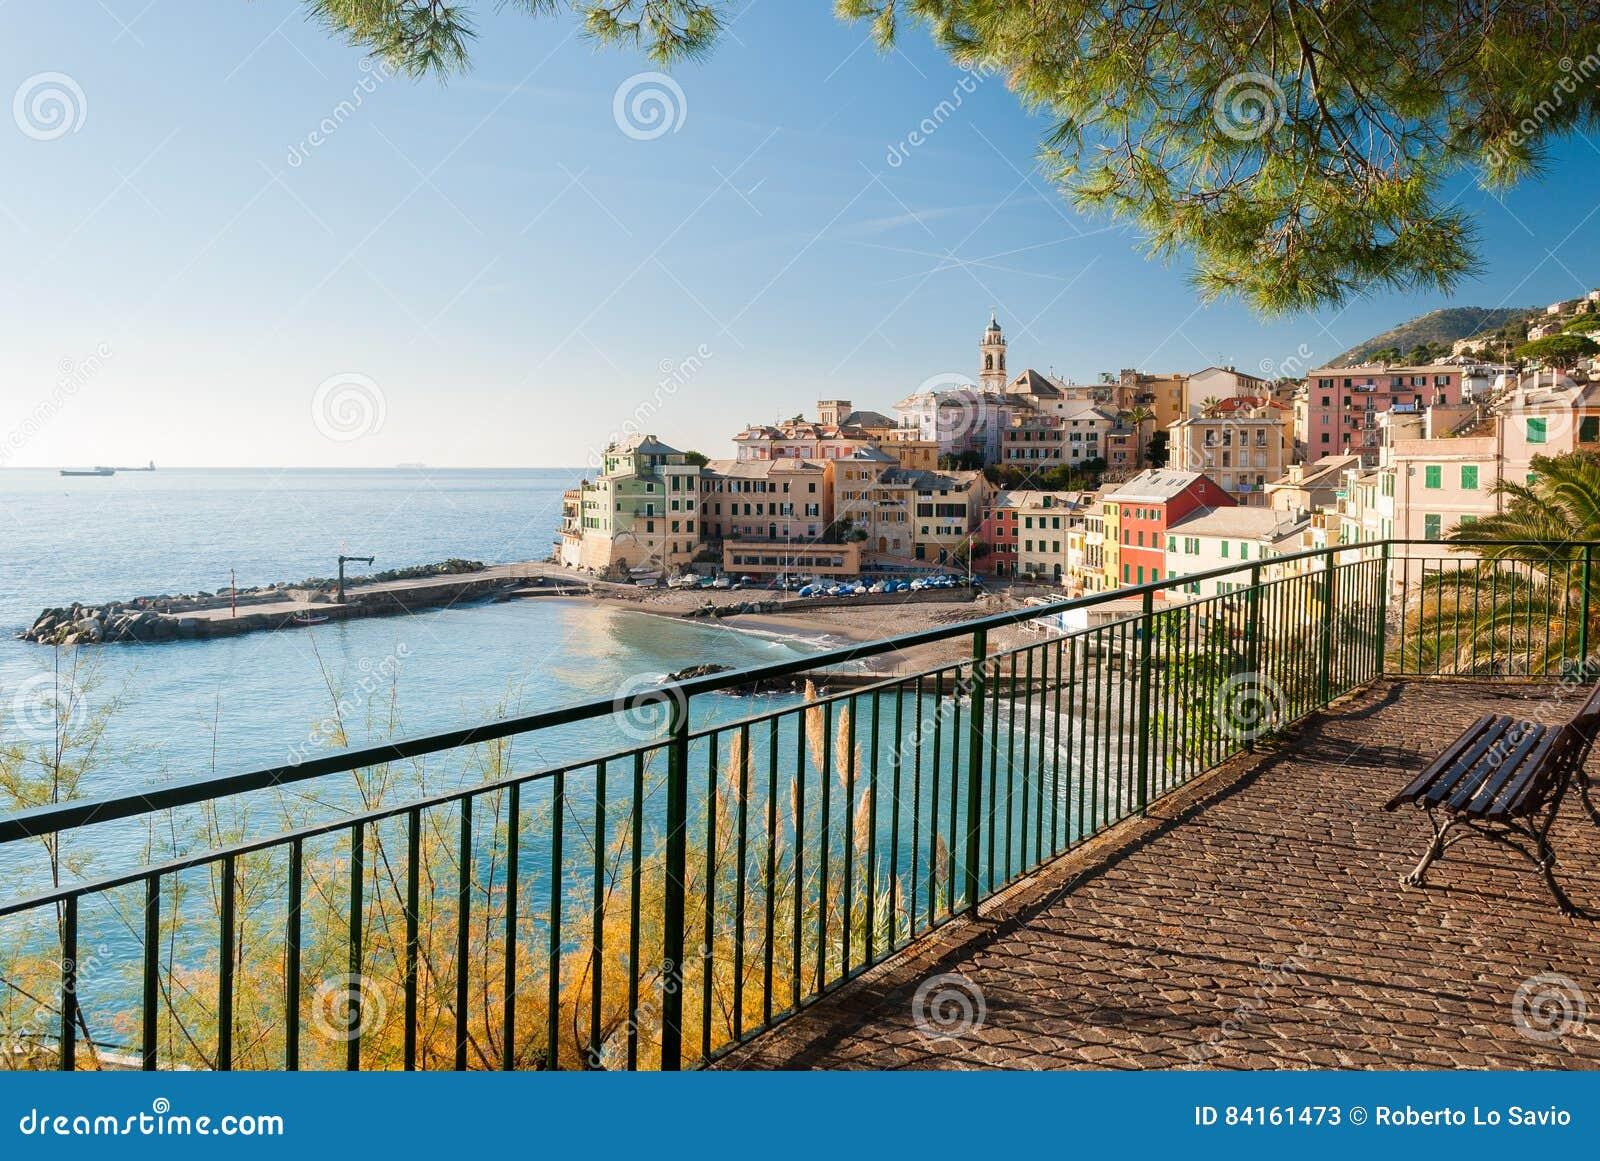 Vista panoramica di Bogliasco, piccolo villaggio del mare vicino a Genova Italia del Nord